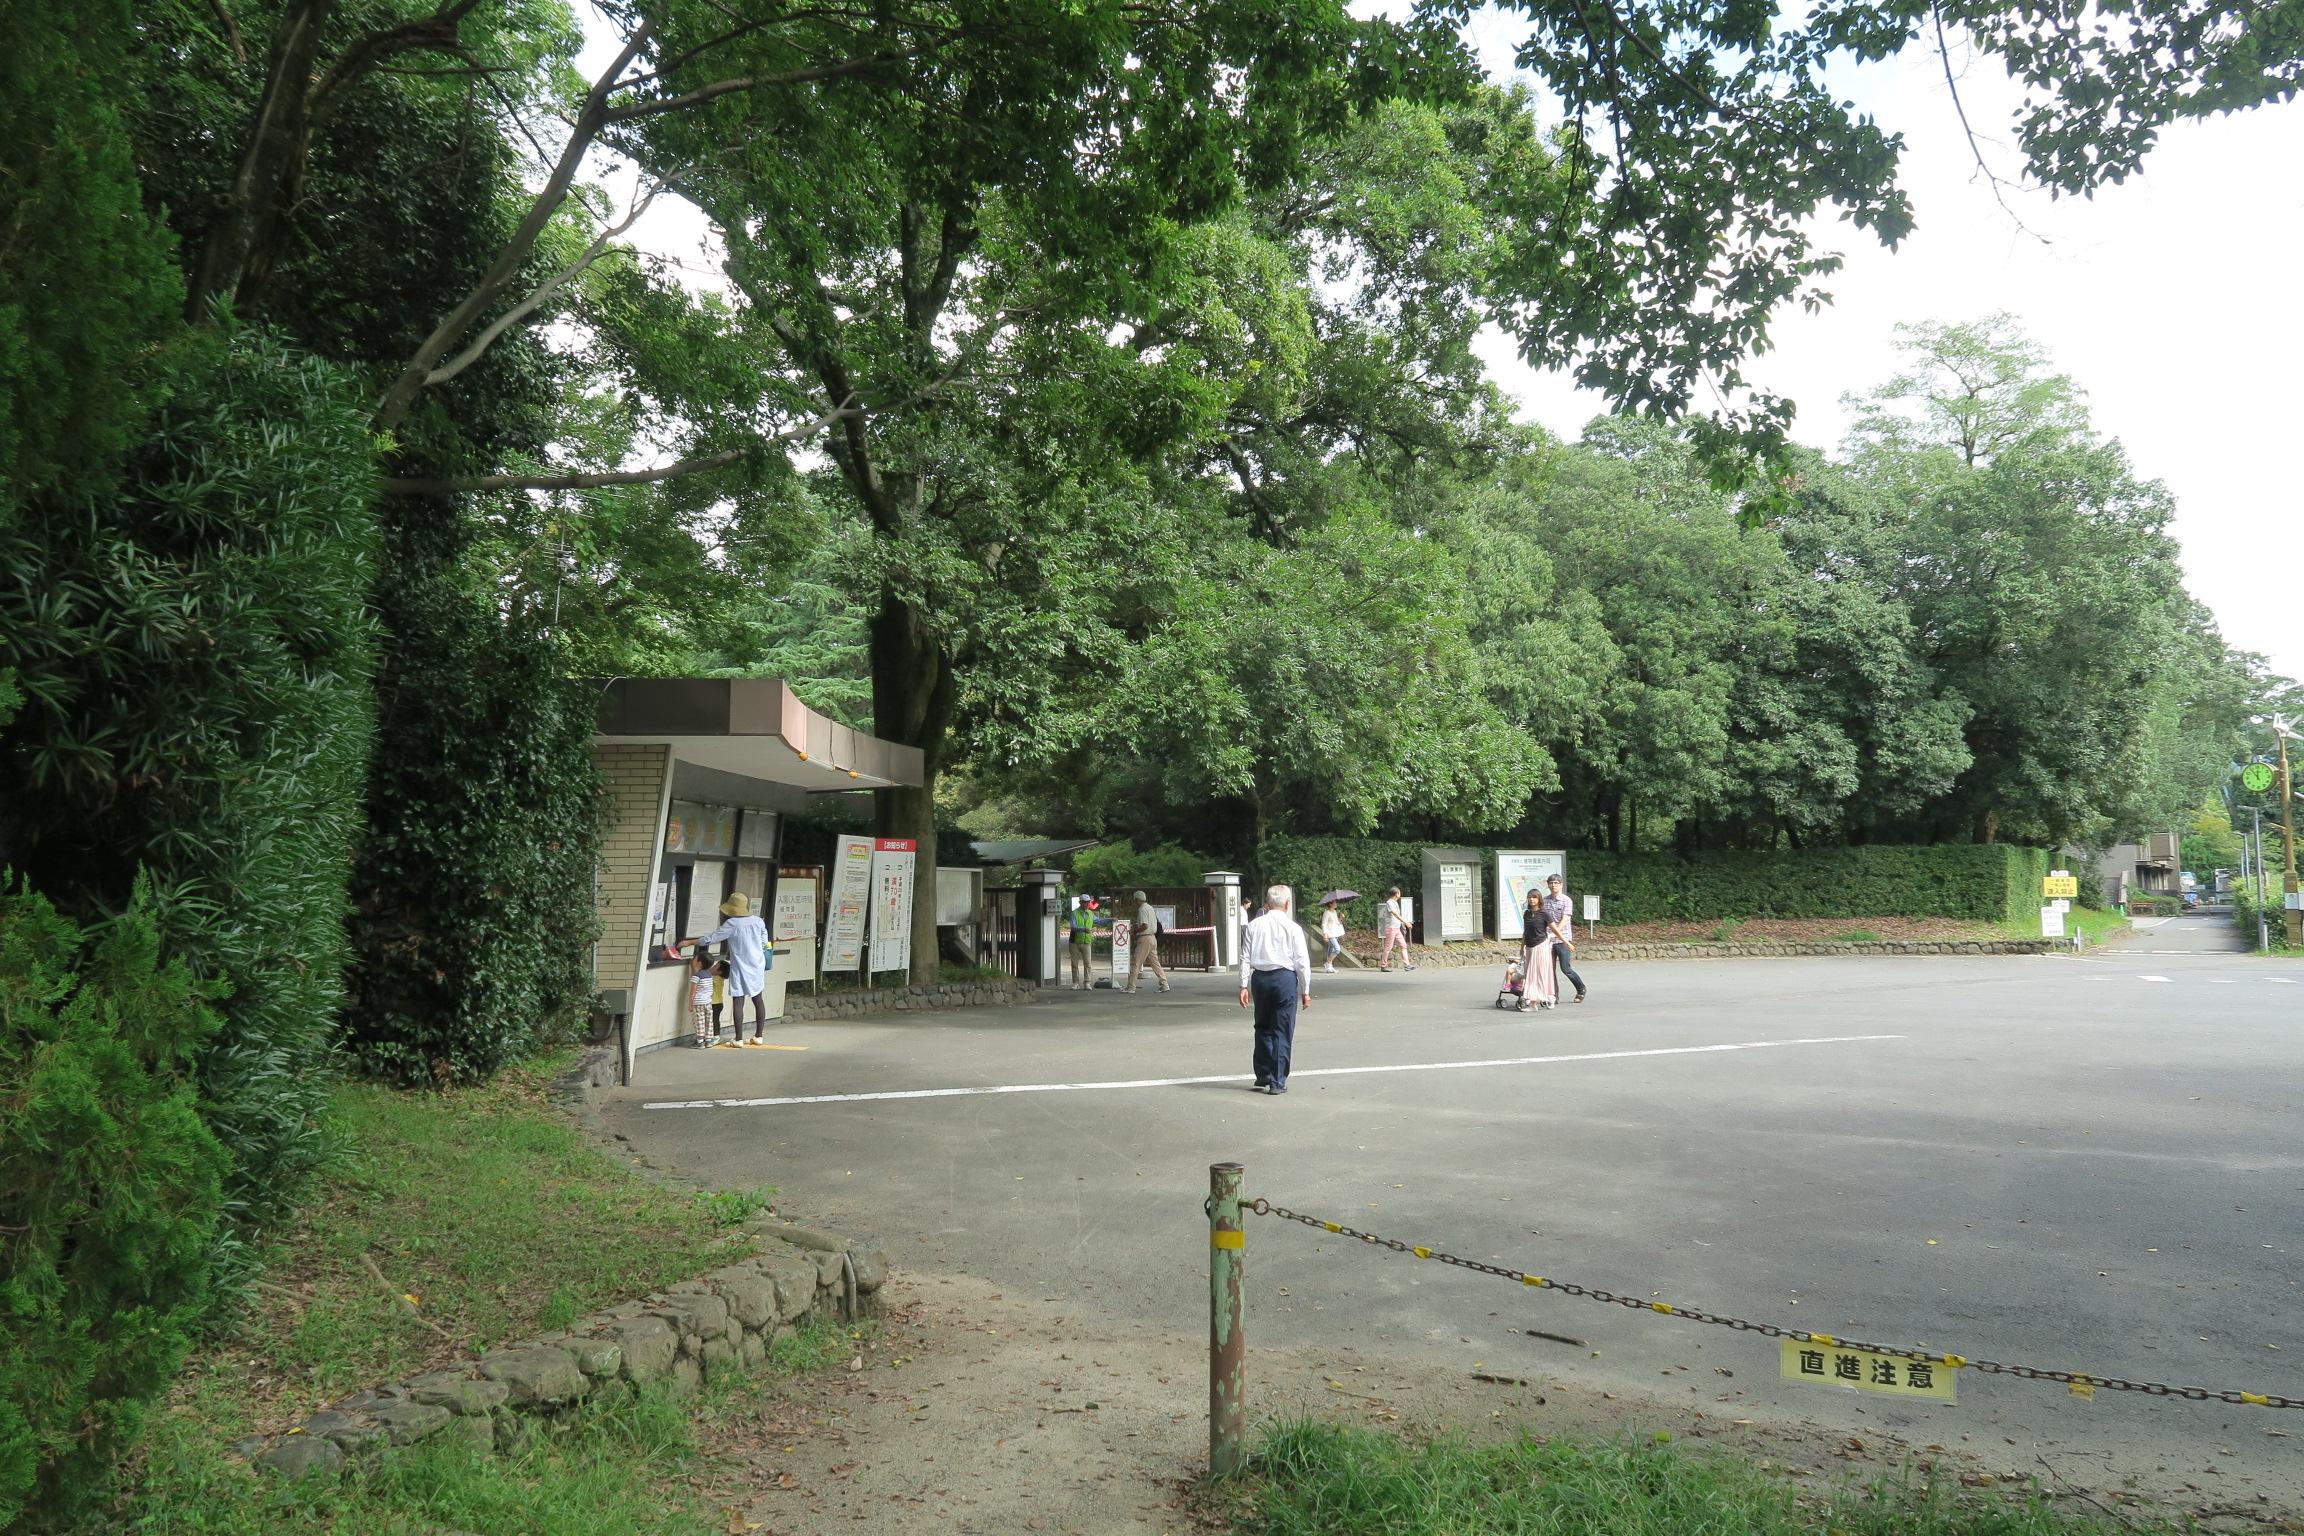 左手奥が植物園入口。植物園の駐車場に停めて、手づくり市に向かいます。